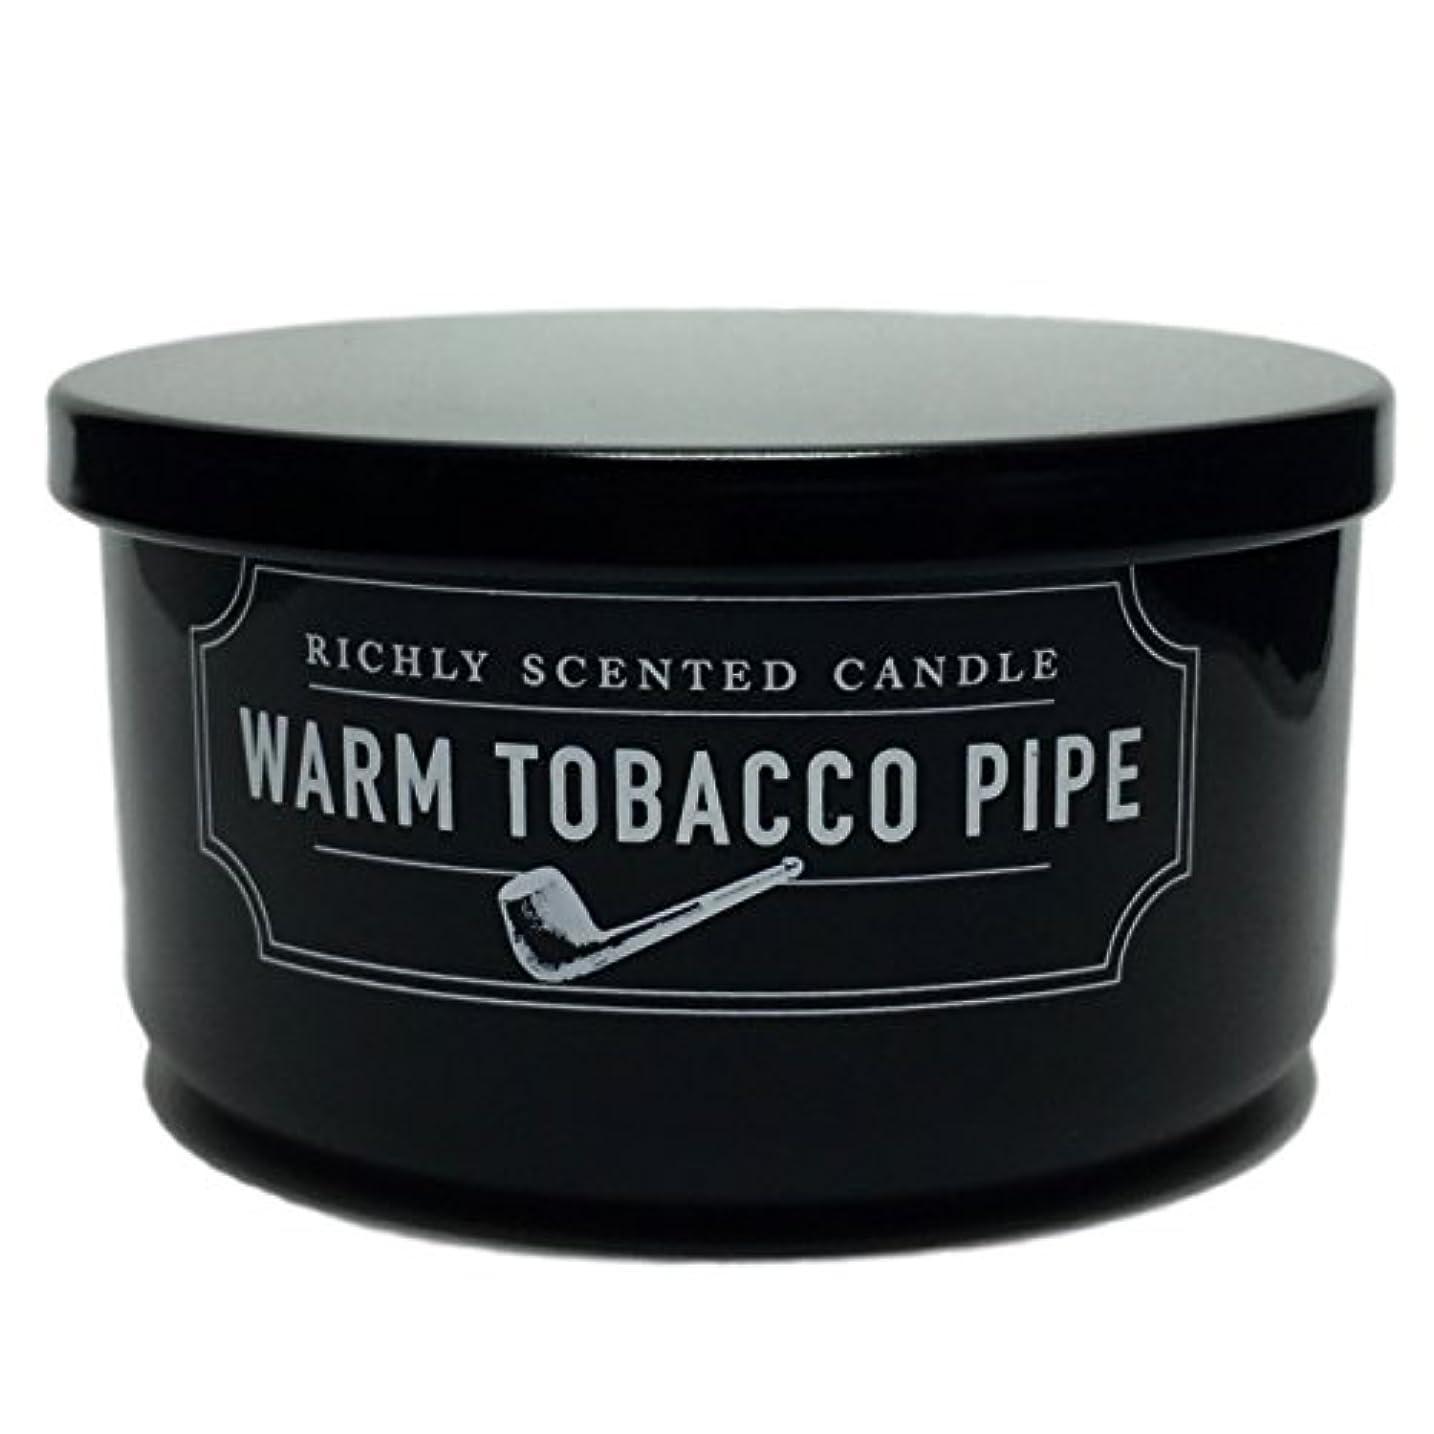 ゲージコア保証DWホーム暖かいタバコパイプ豊かな香り2 Wick Candle Smallサイズ